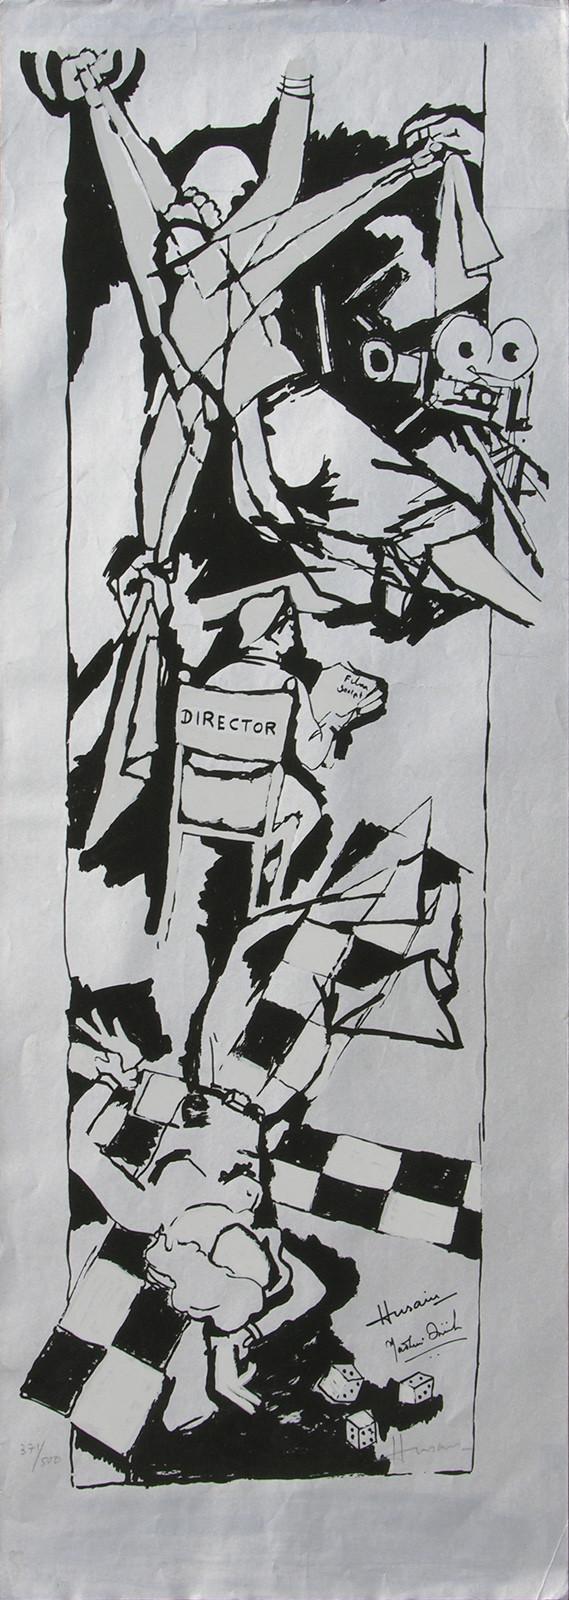 Yeh kaun sa modh hai umar ka - X by M F Husain, Illustration Printmaking, Serigraph on Paper, Gray color